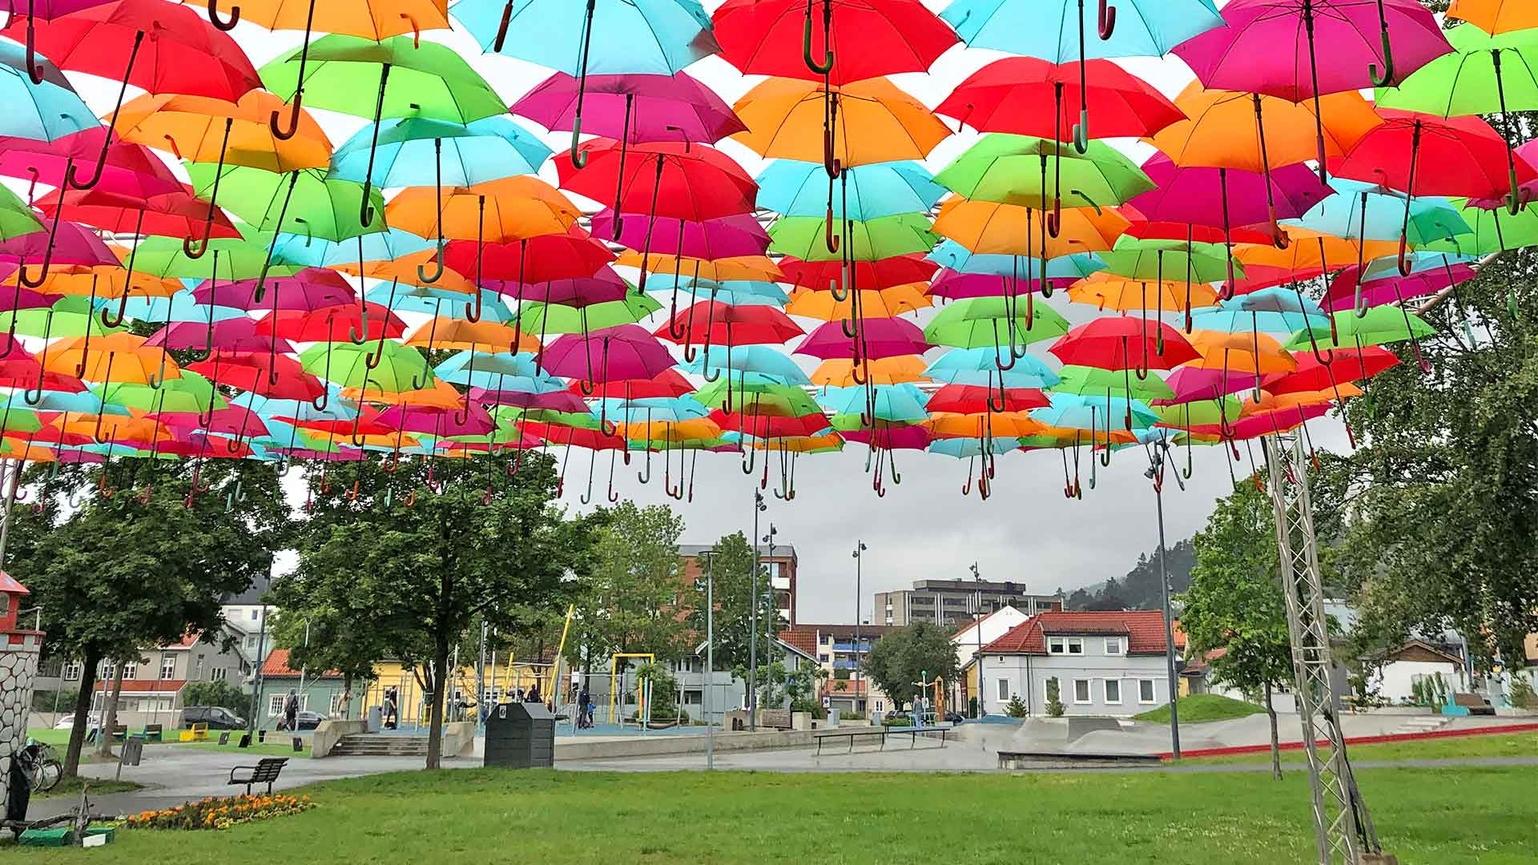 Umbrella Sky Project - Drammen'19